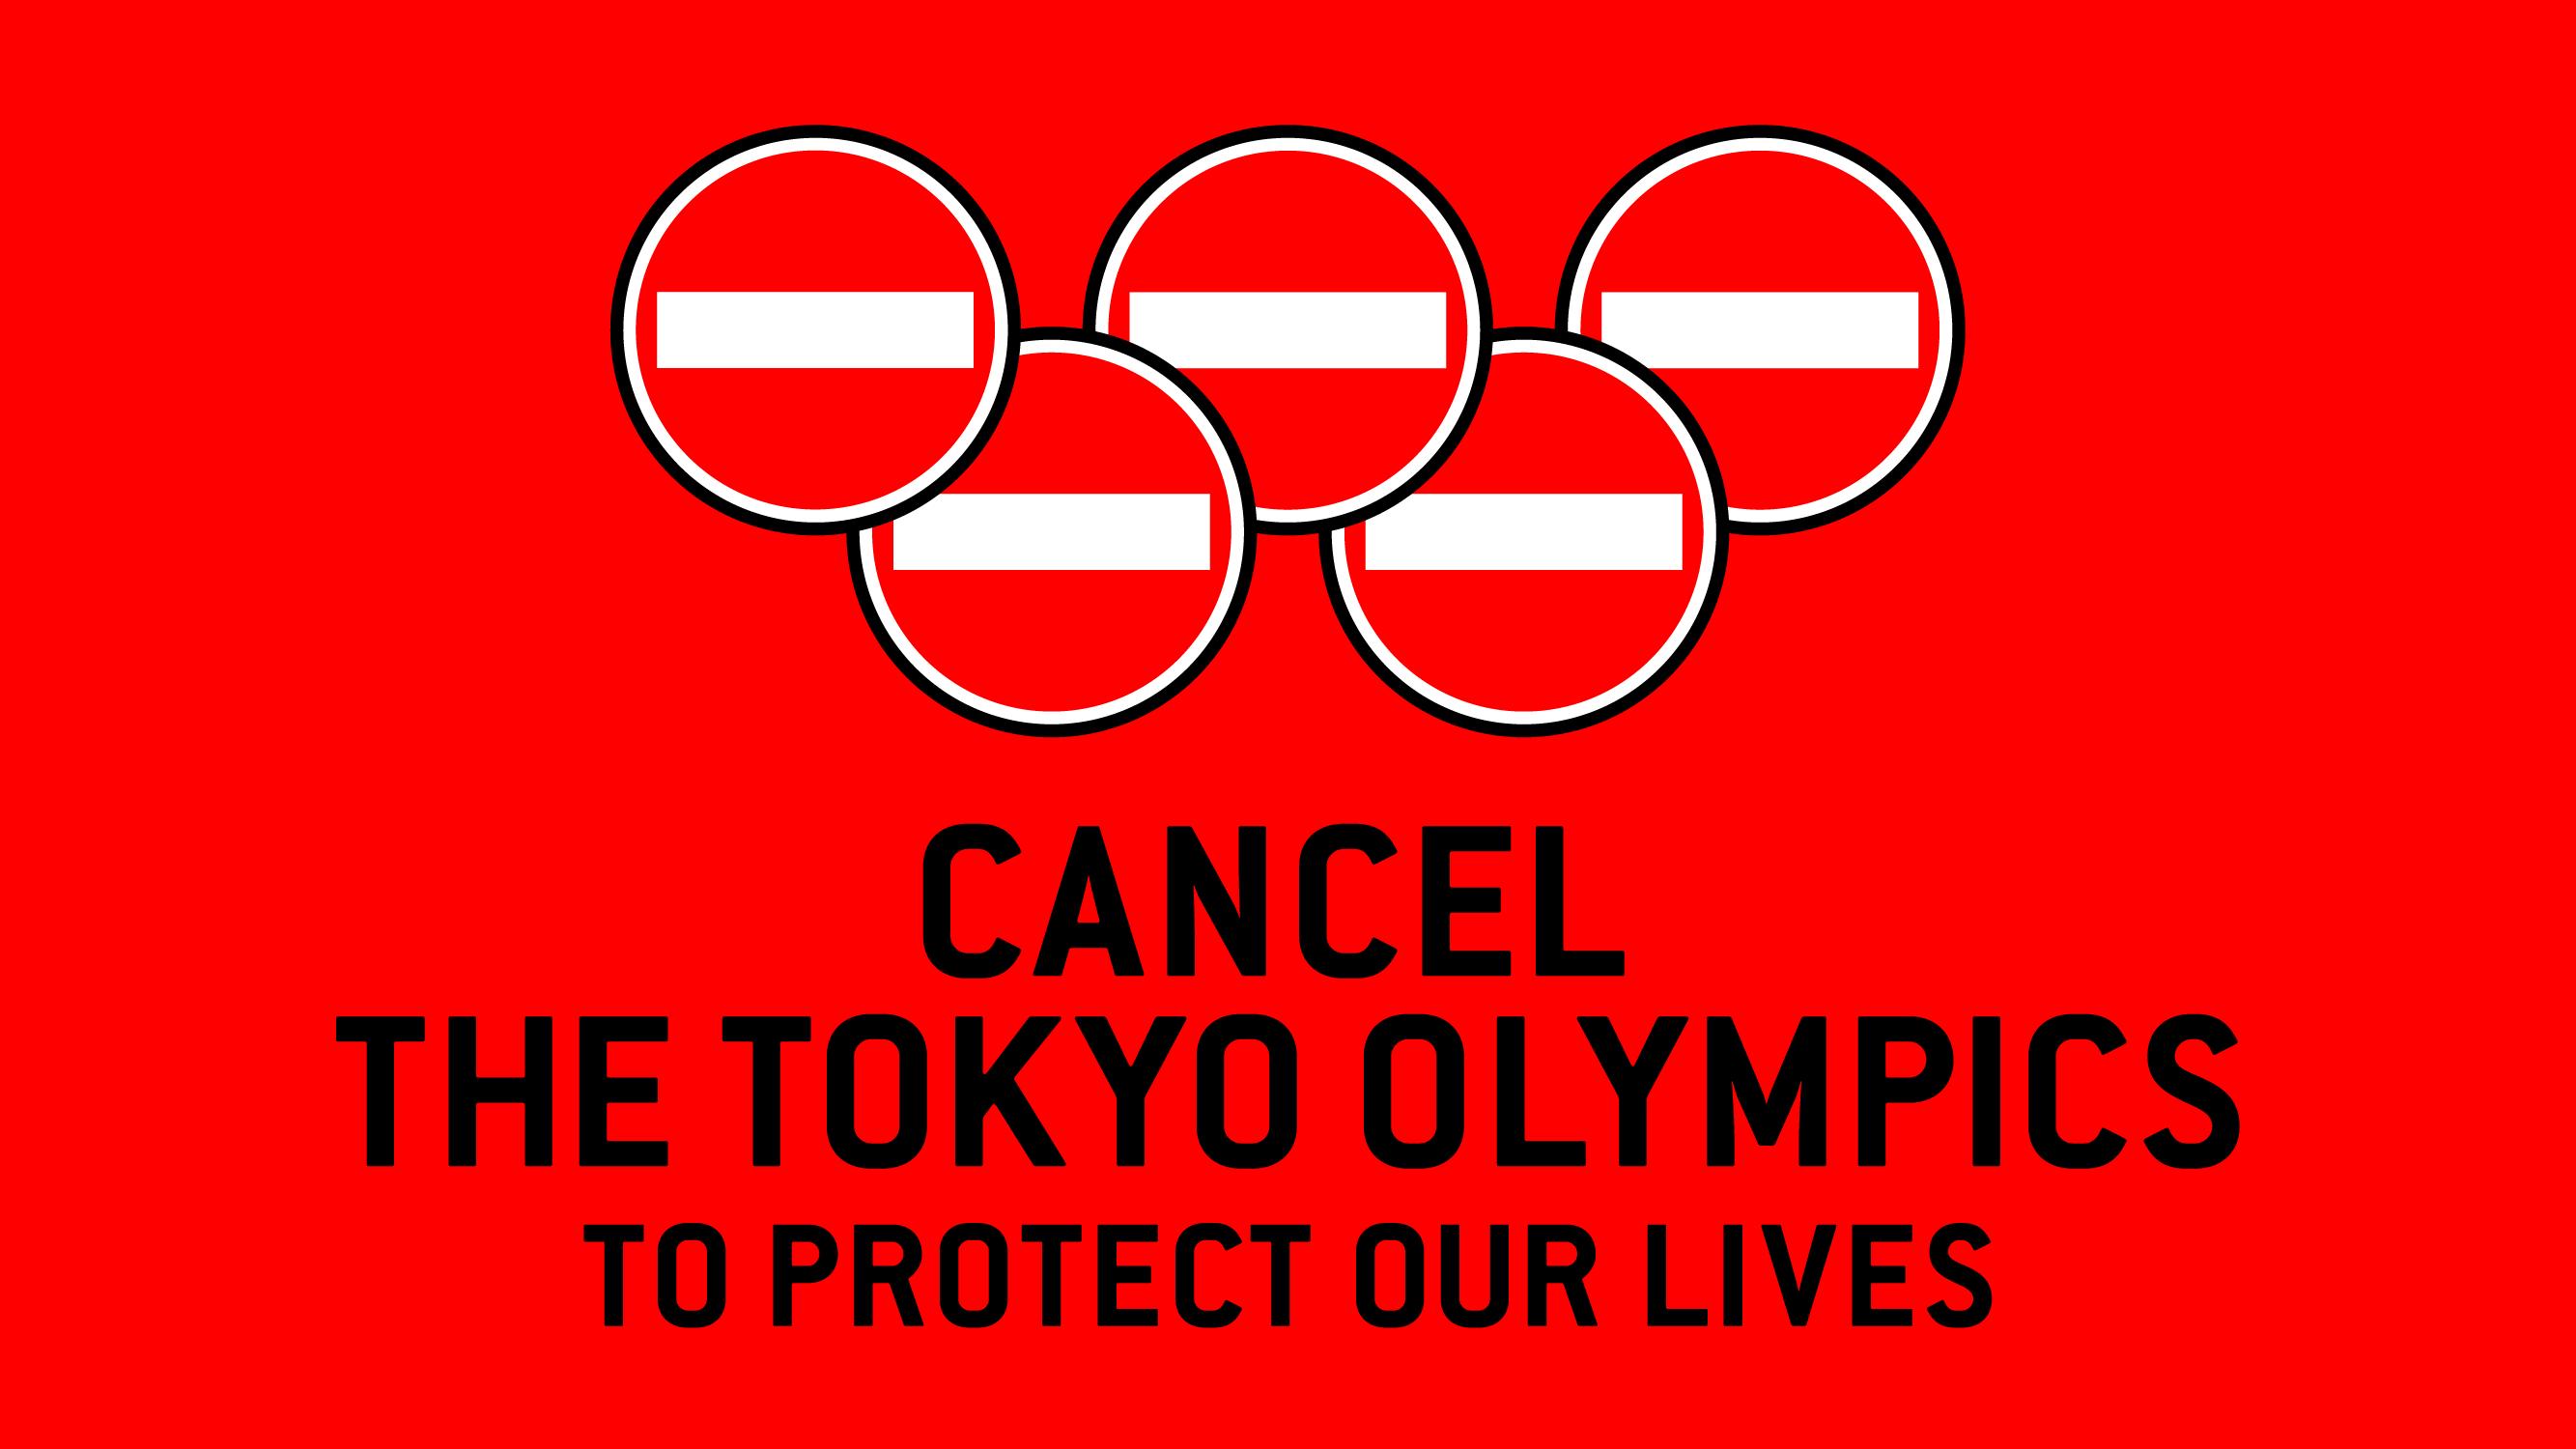 東京オリンピックが早く中止されることを強く望みます